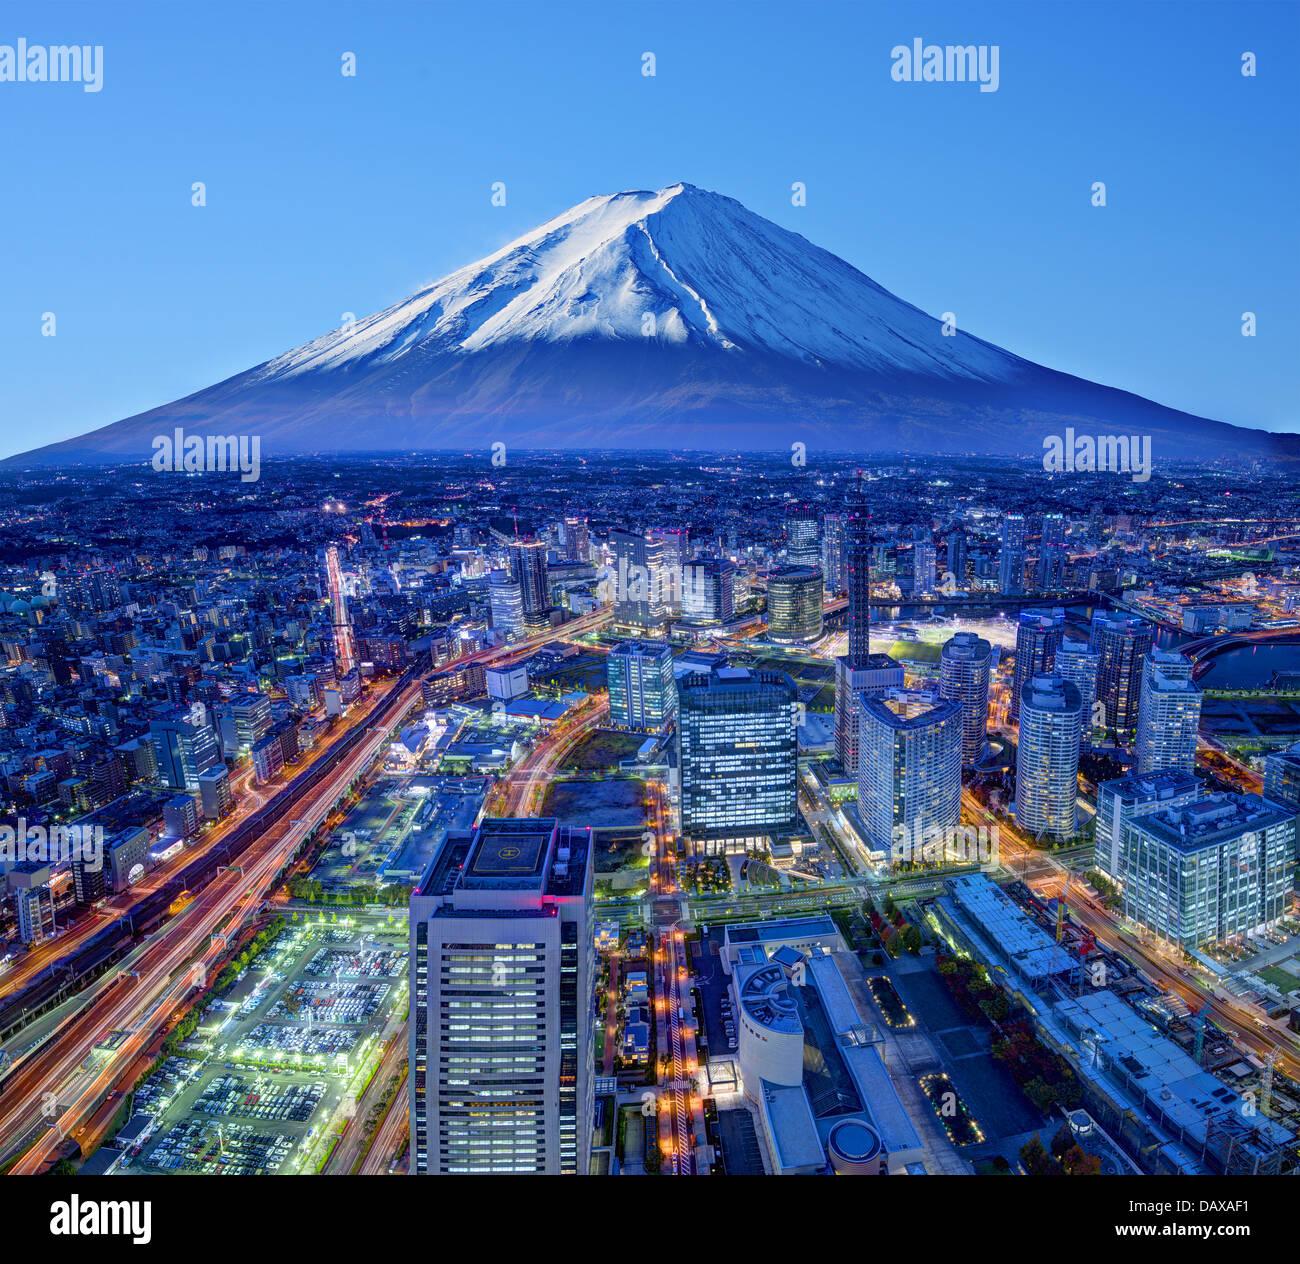 Horizonte de Mt. Fuji y Yokohama, Japón. Imagen De Stock